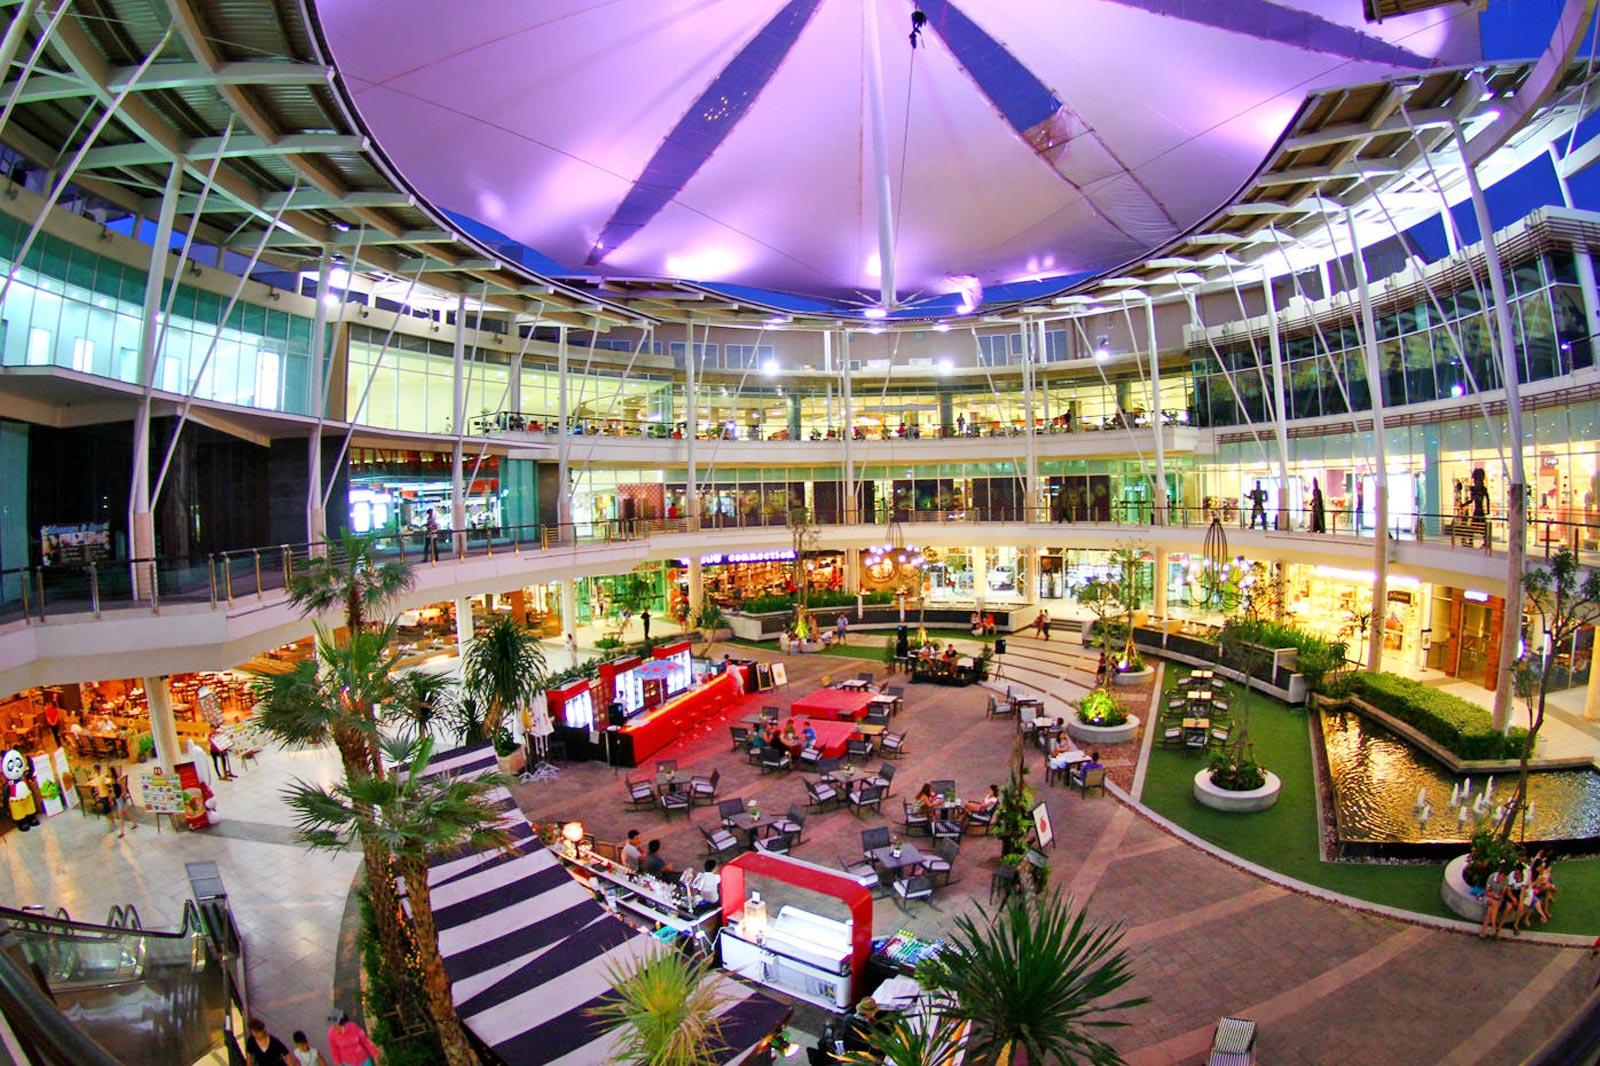 nuevo estilo de 2019 tecnologías sofisticadas lo mas baratas 12 Best Shopping Malls in Phuket - Shopping & Dining Complexes in ...